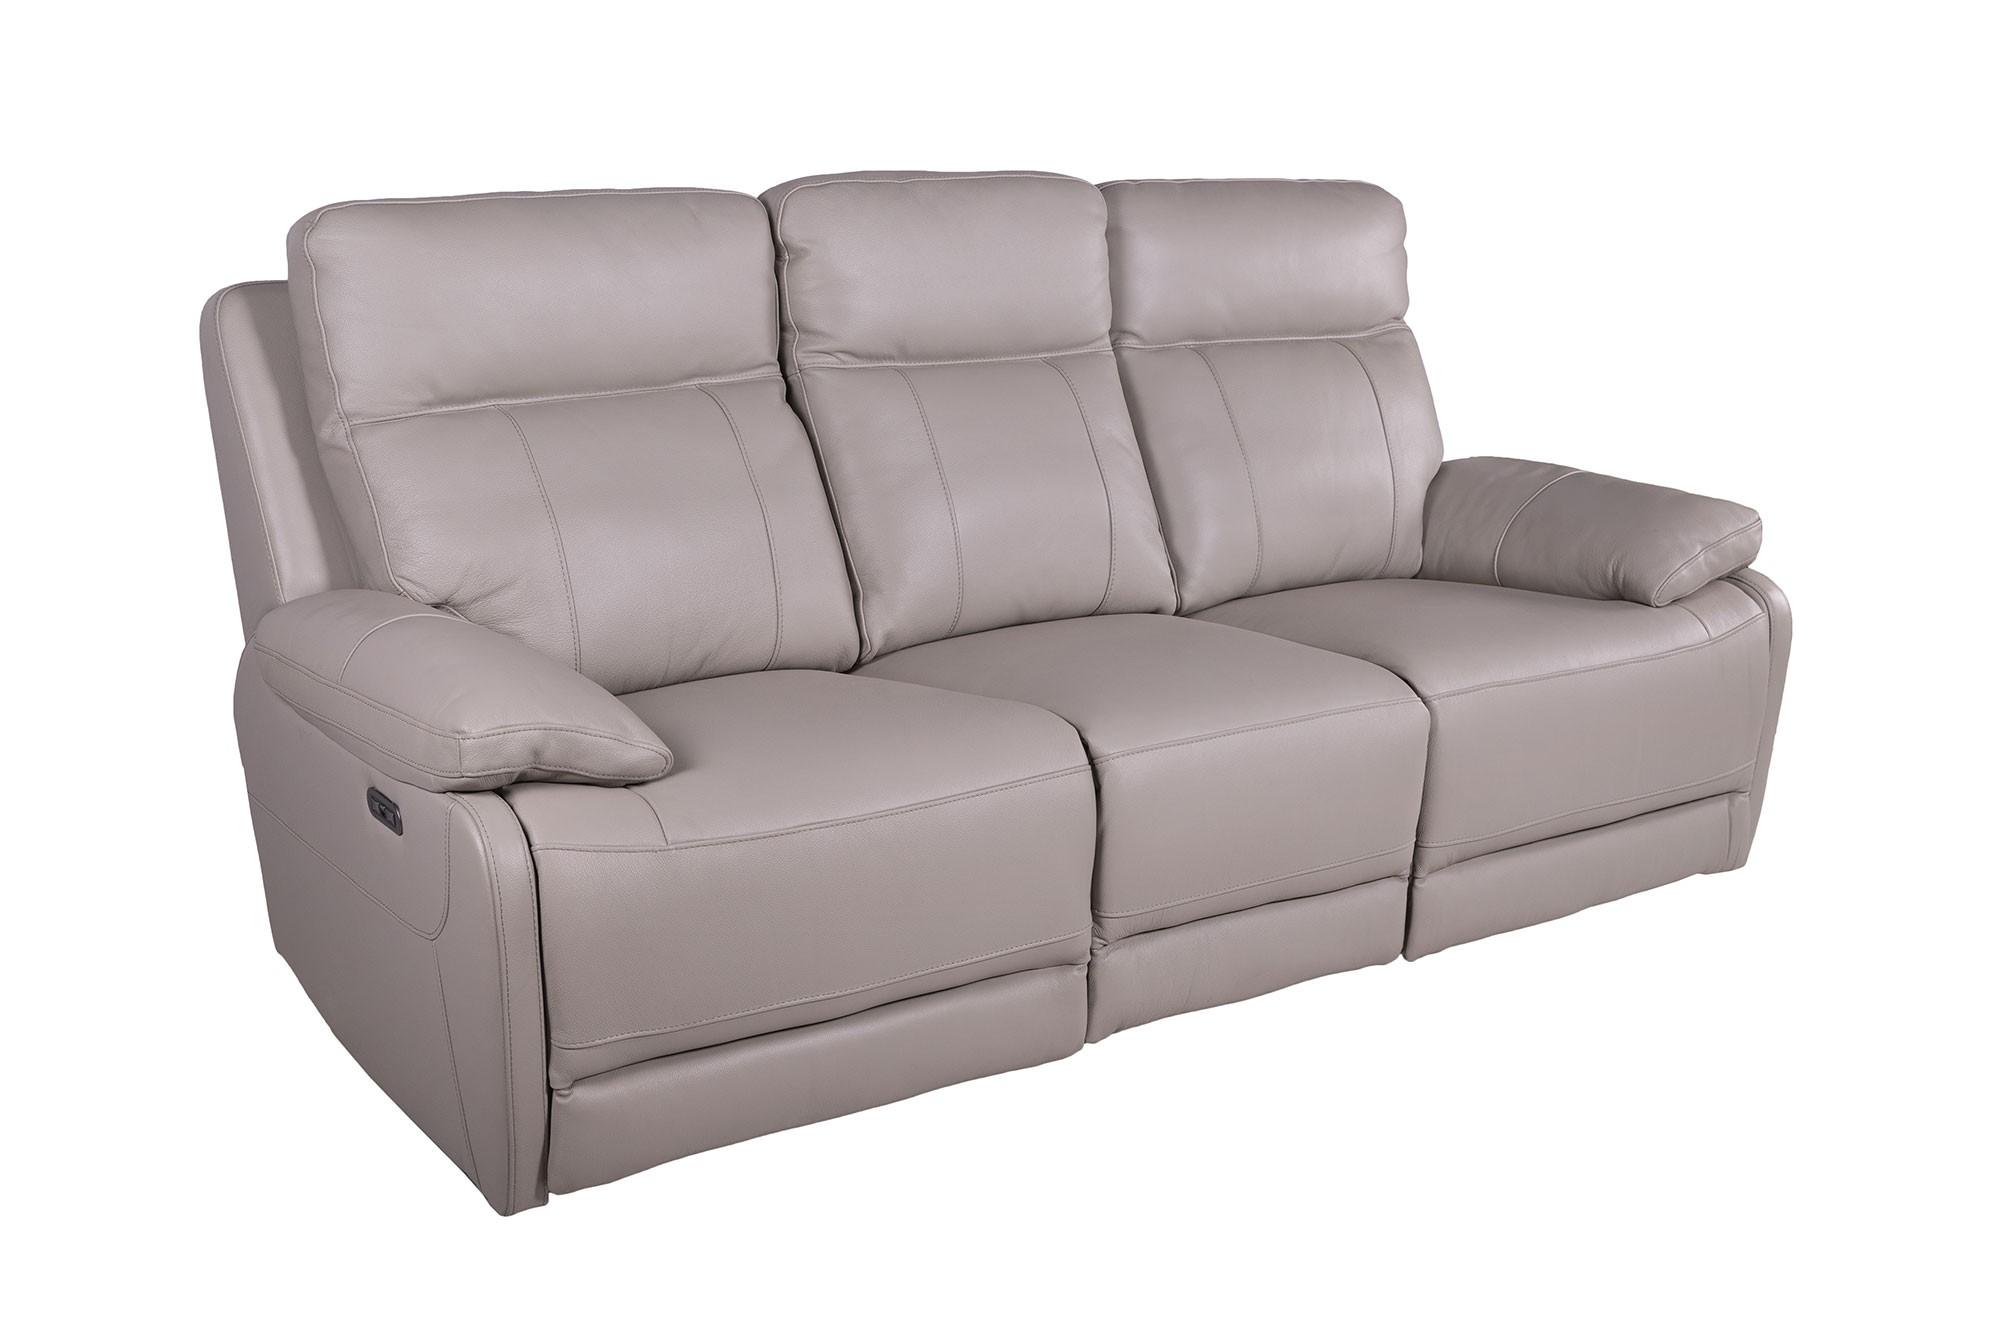 Sofas - 5282es809